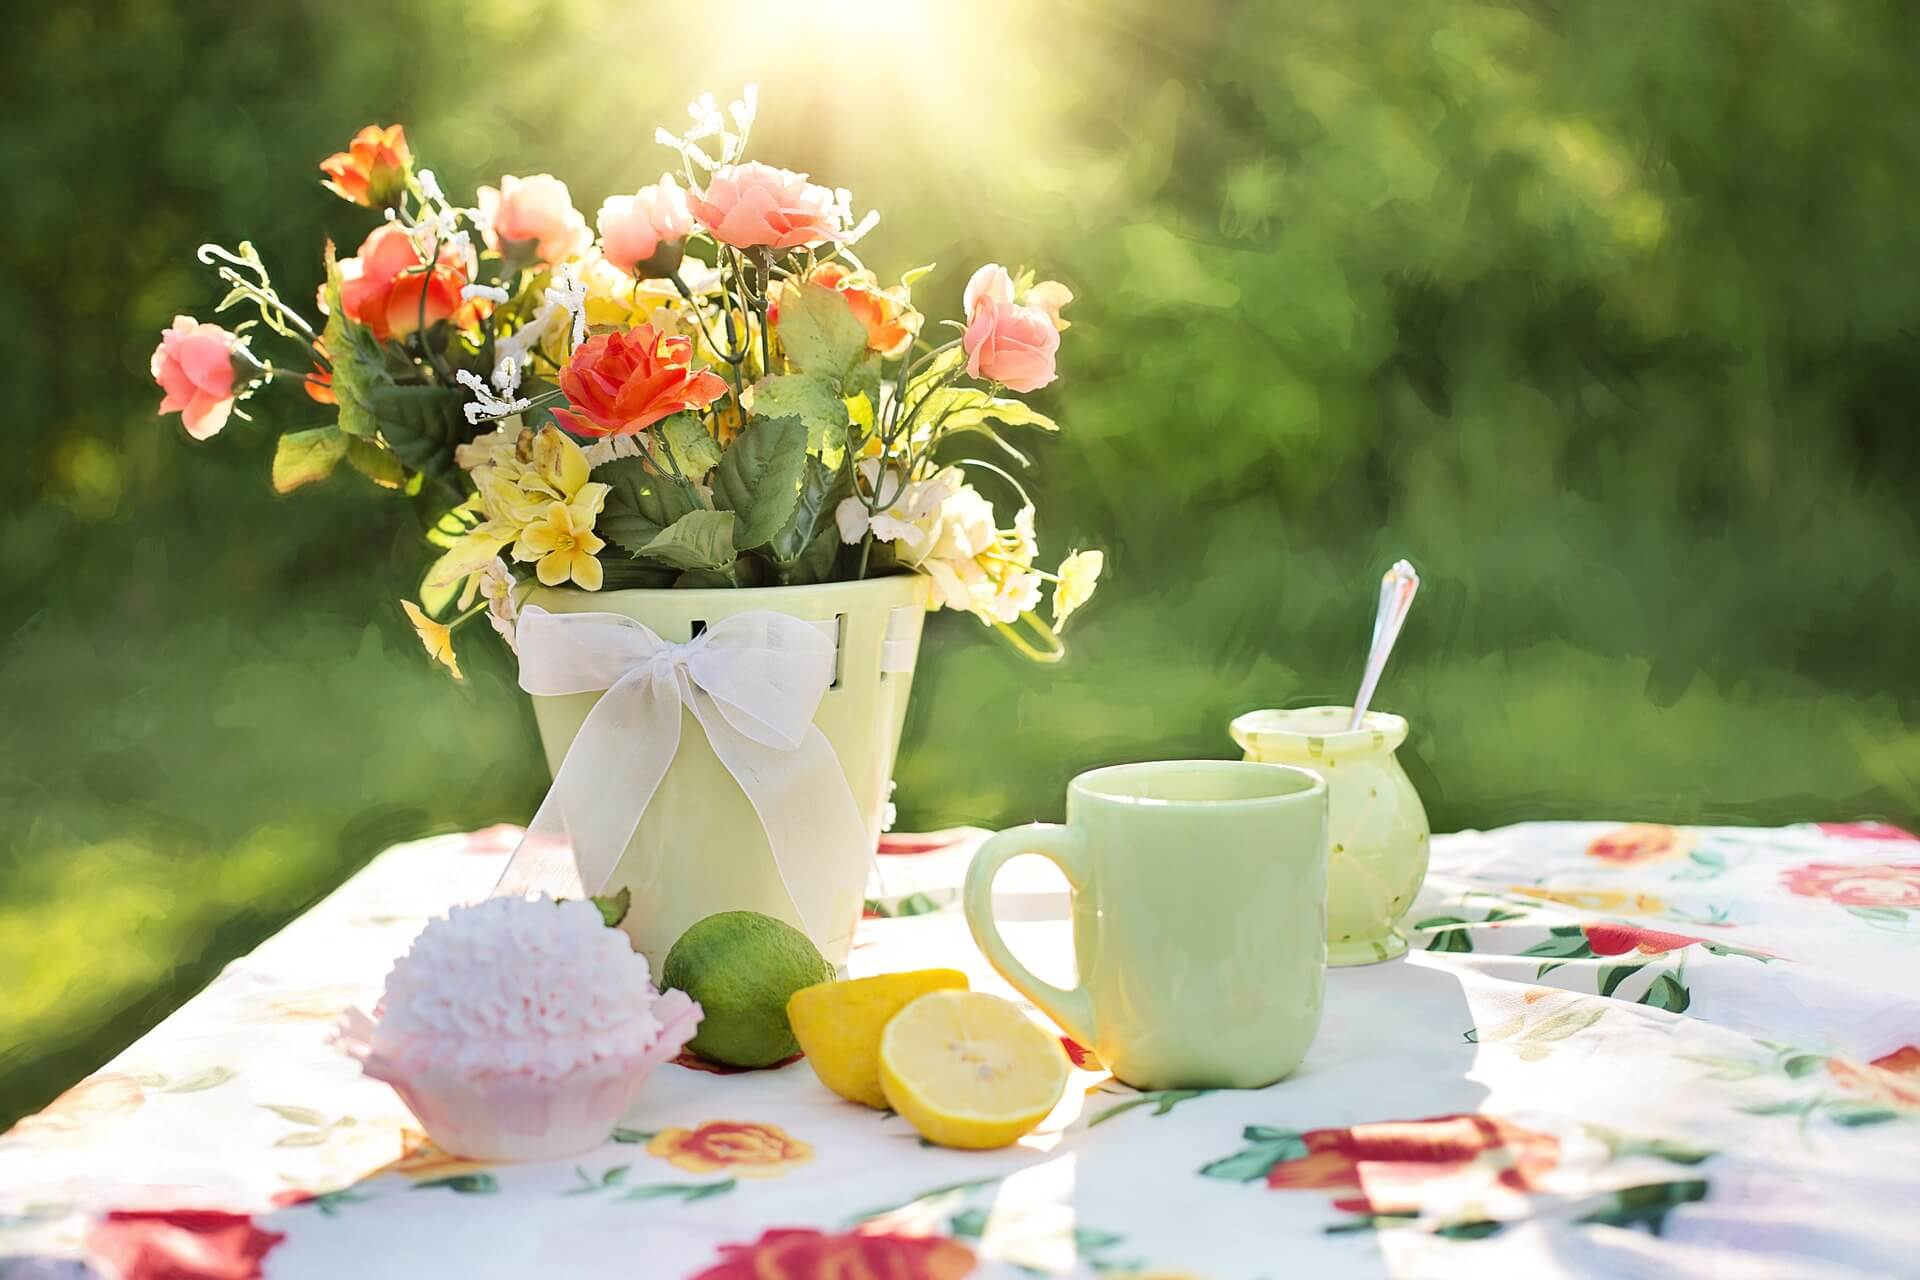 summer-still-life-783347_1920